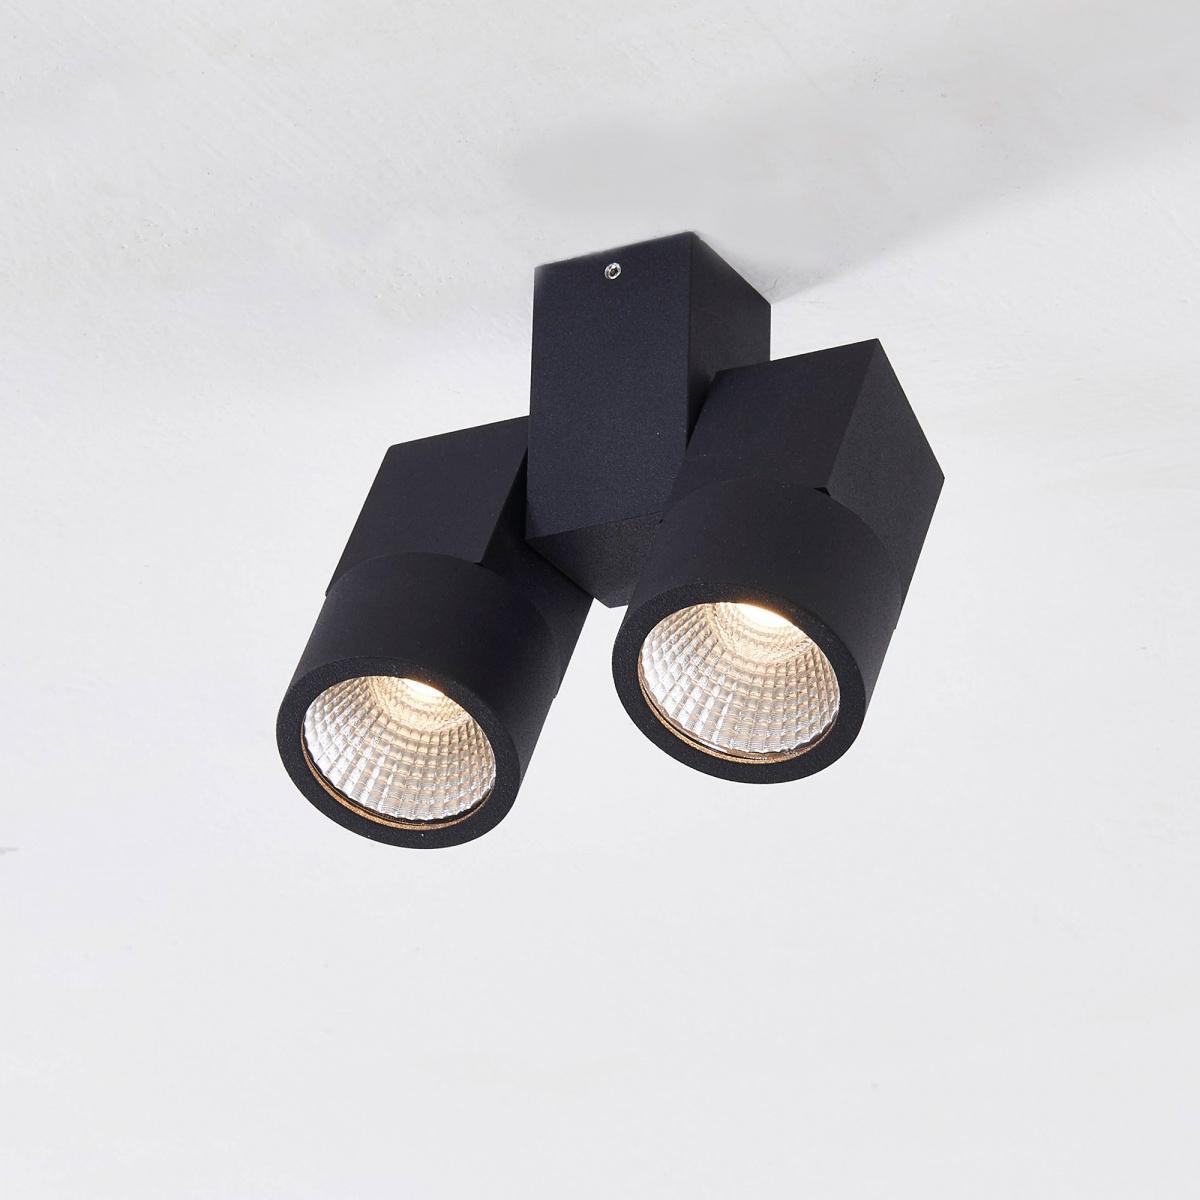 CITILUX CL556102 Накладной светильник ДУБЛЬ 2x5W LED черный